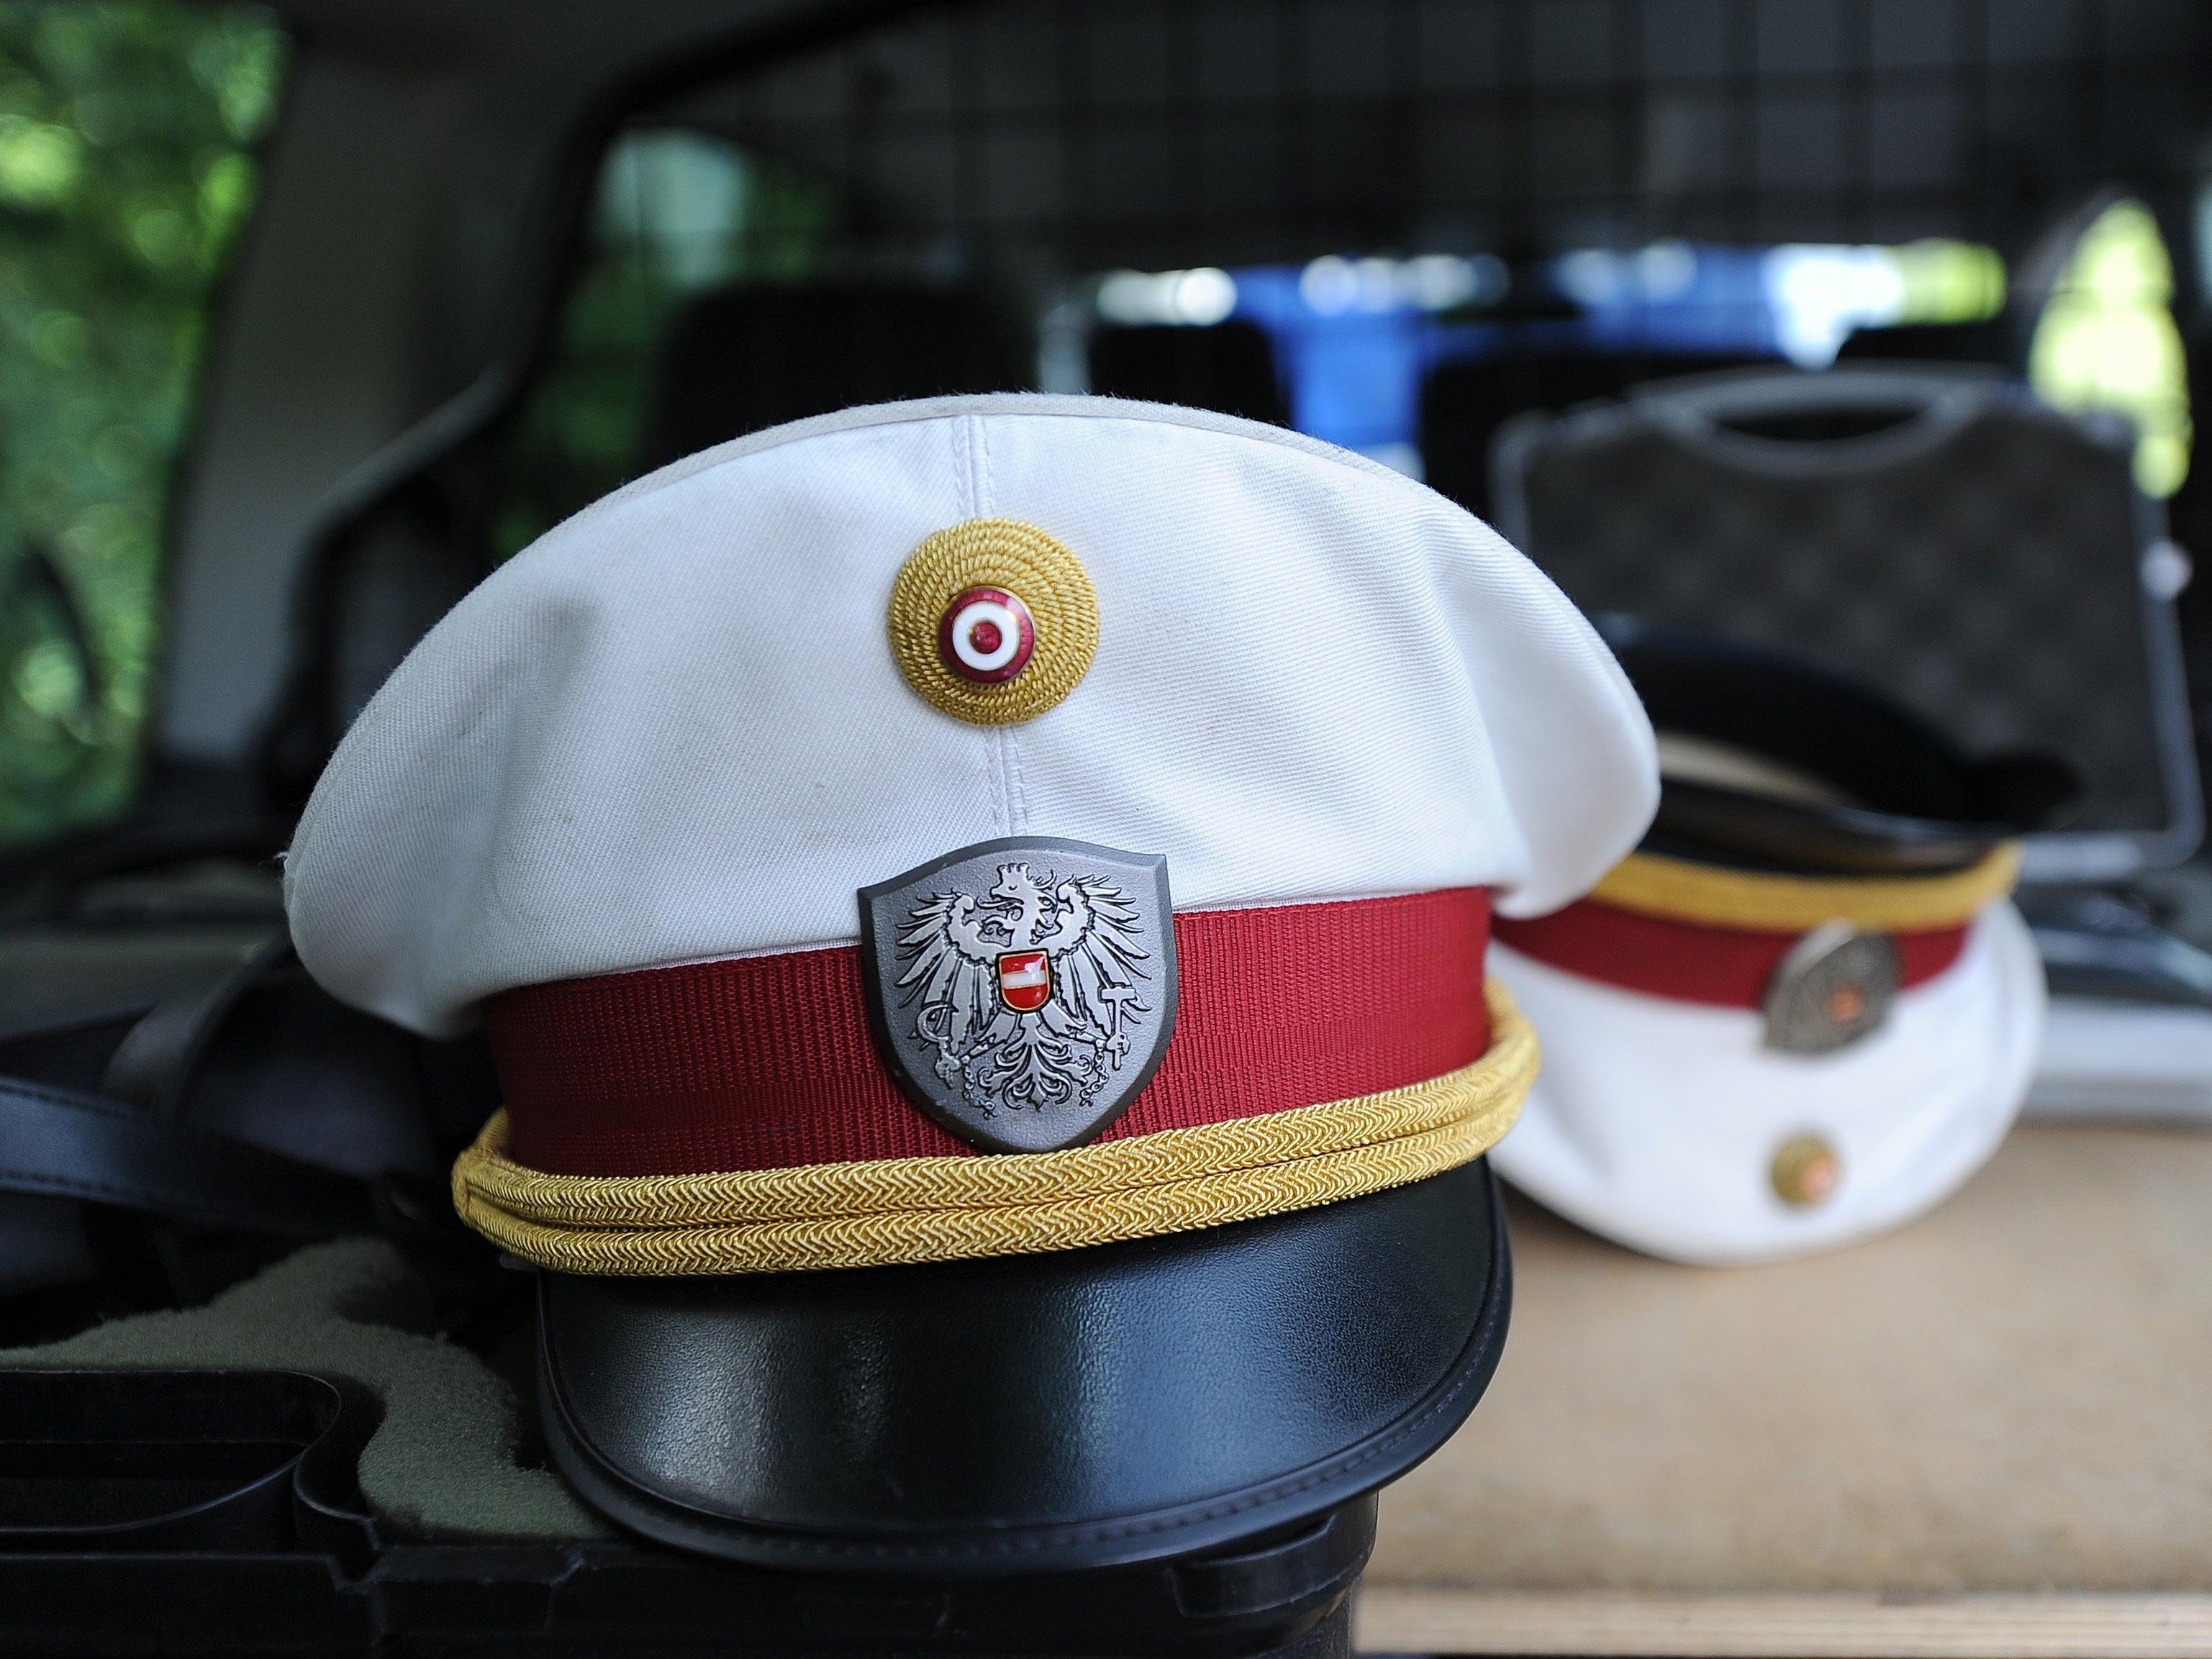 Die PI Bregenz sucht Zeugen die Angaben zum Vorfall machen können.